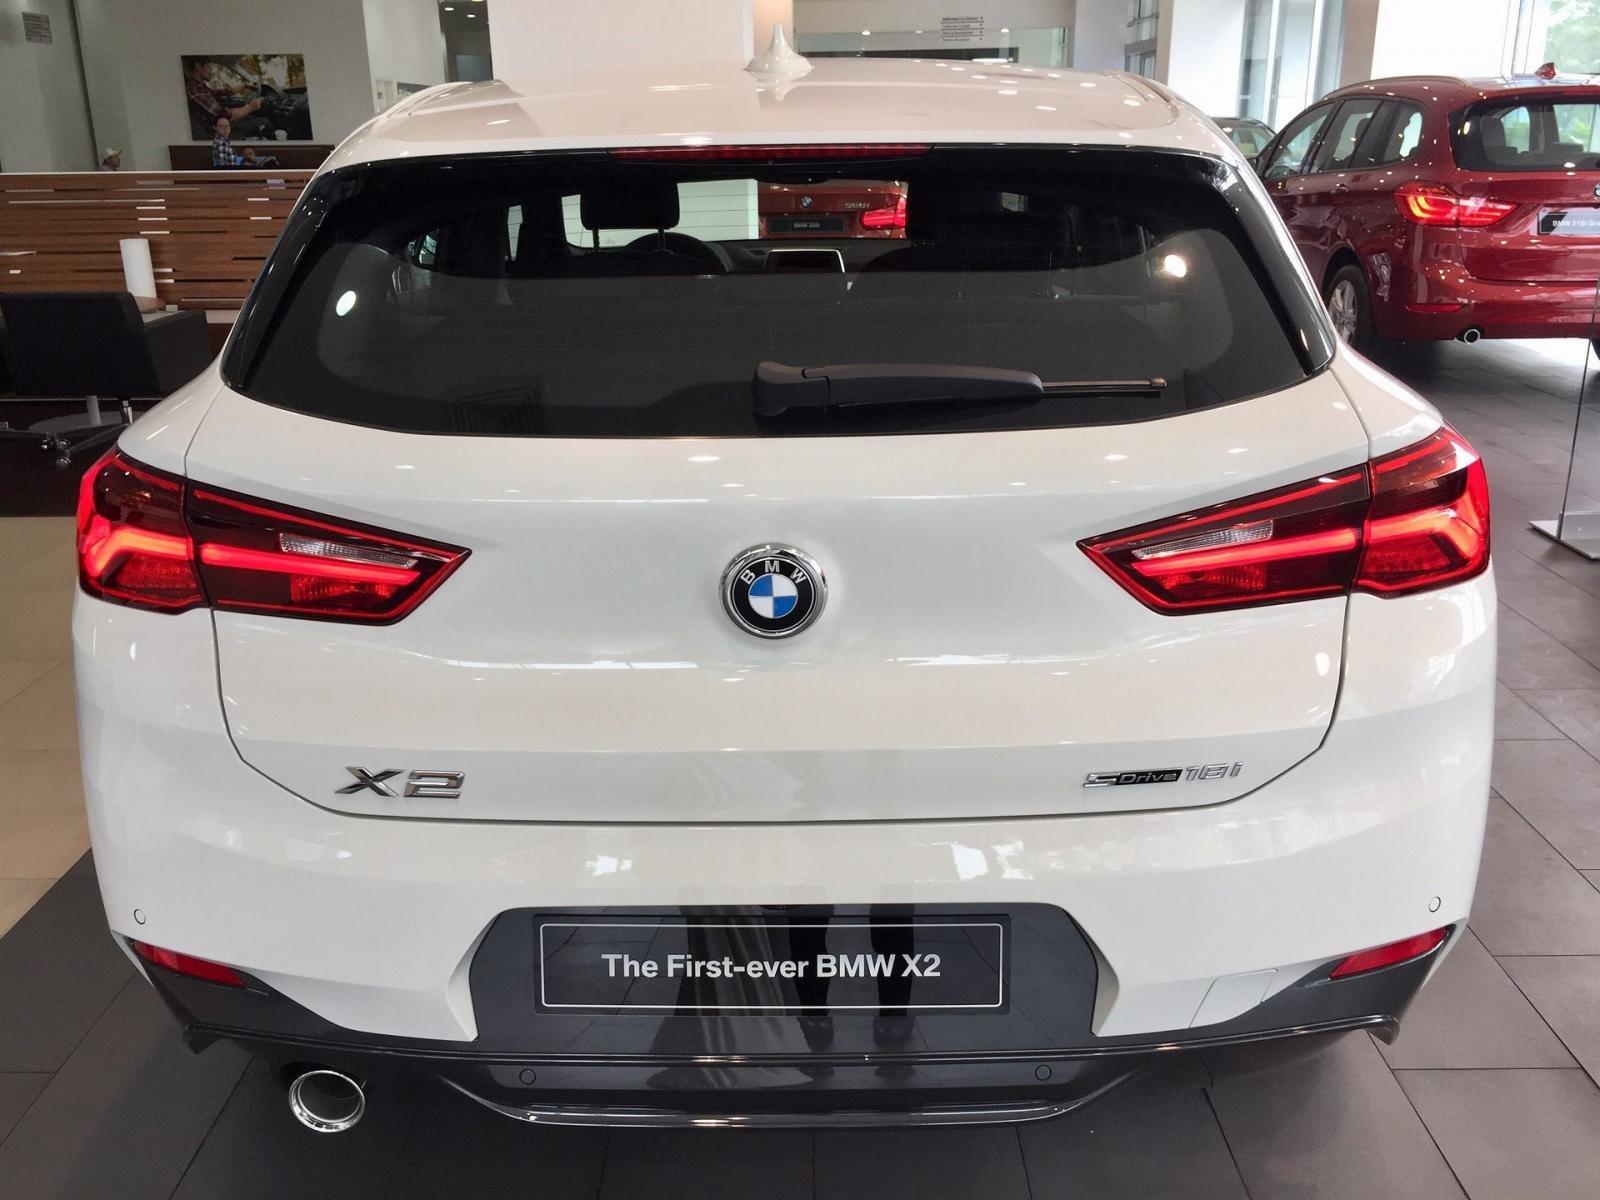 Xe BMW X2 2020 hoàn toàn mới tại Việt Nam.